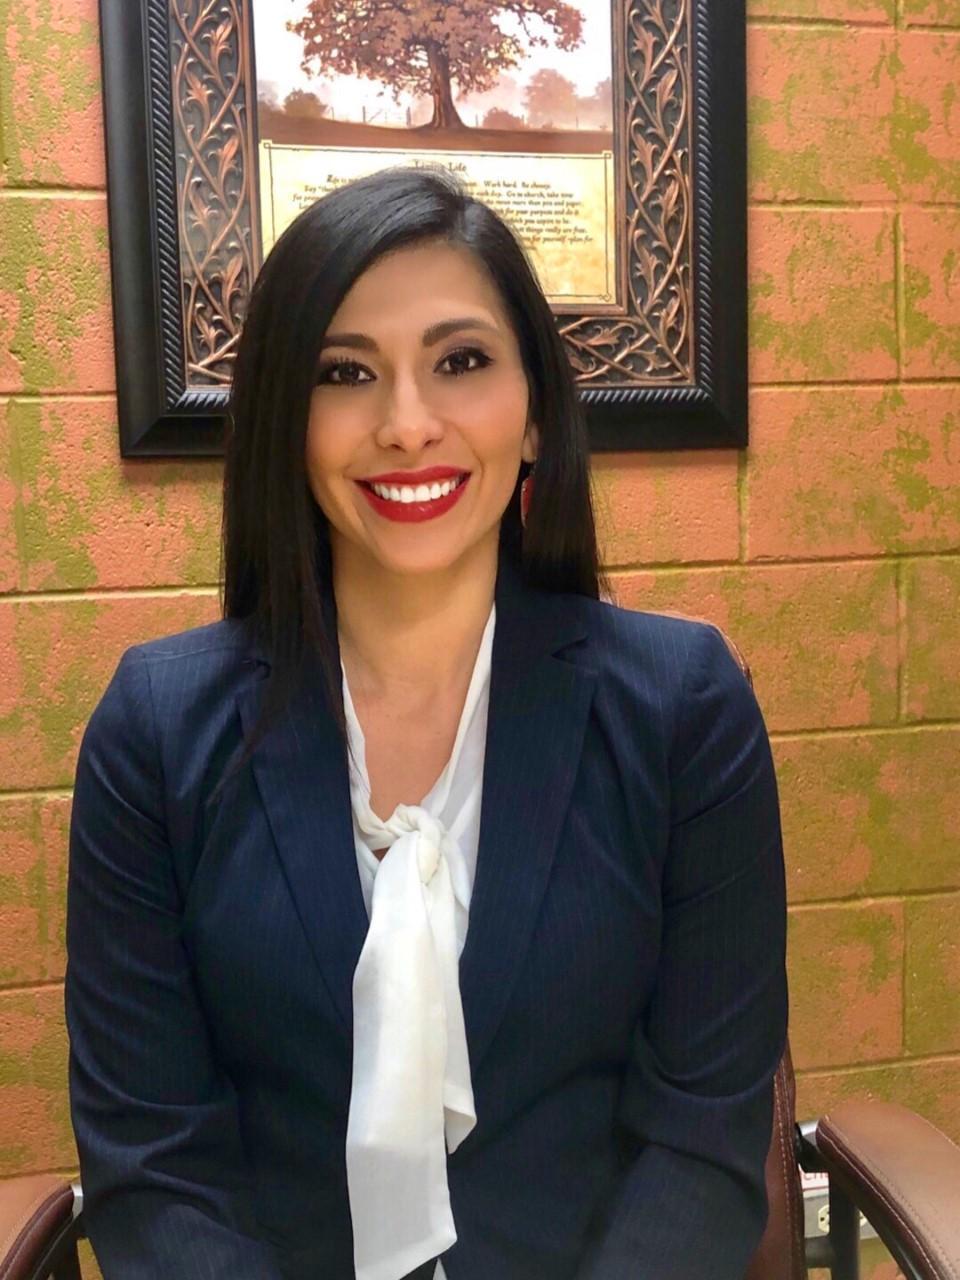 Pic of principal